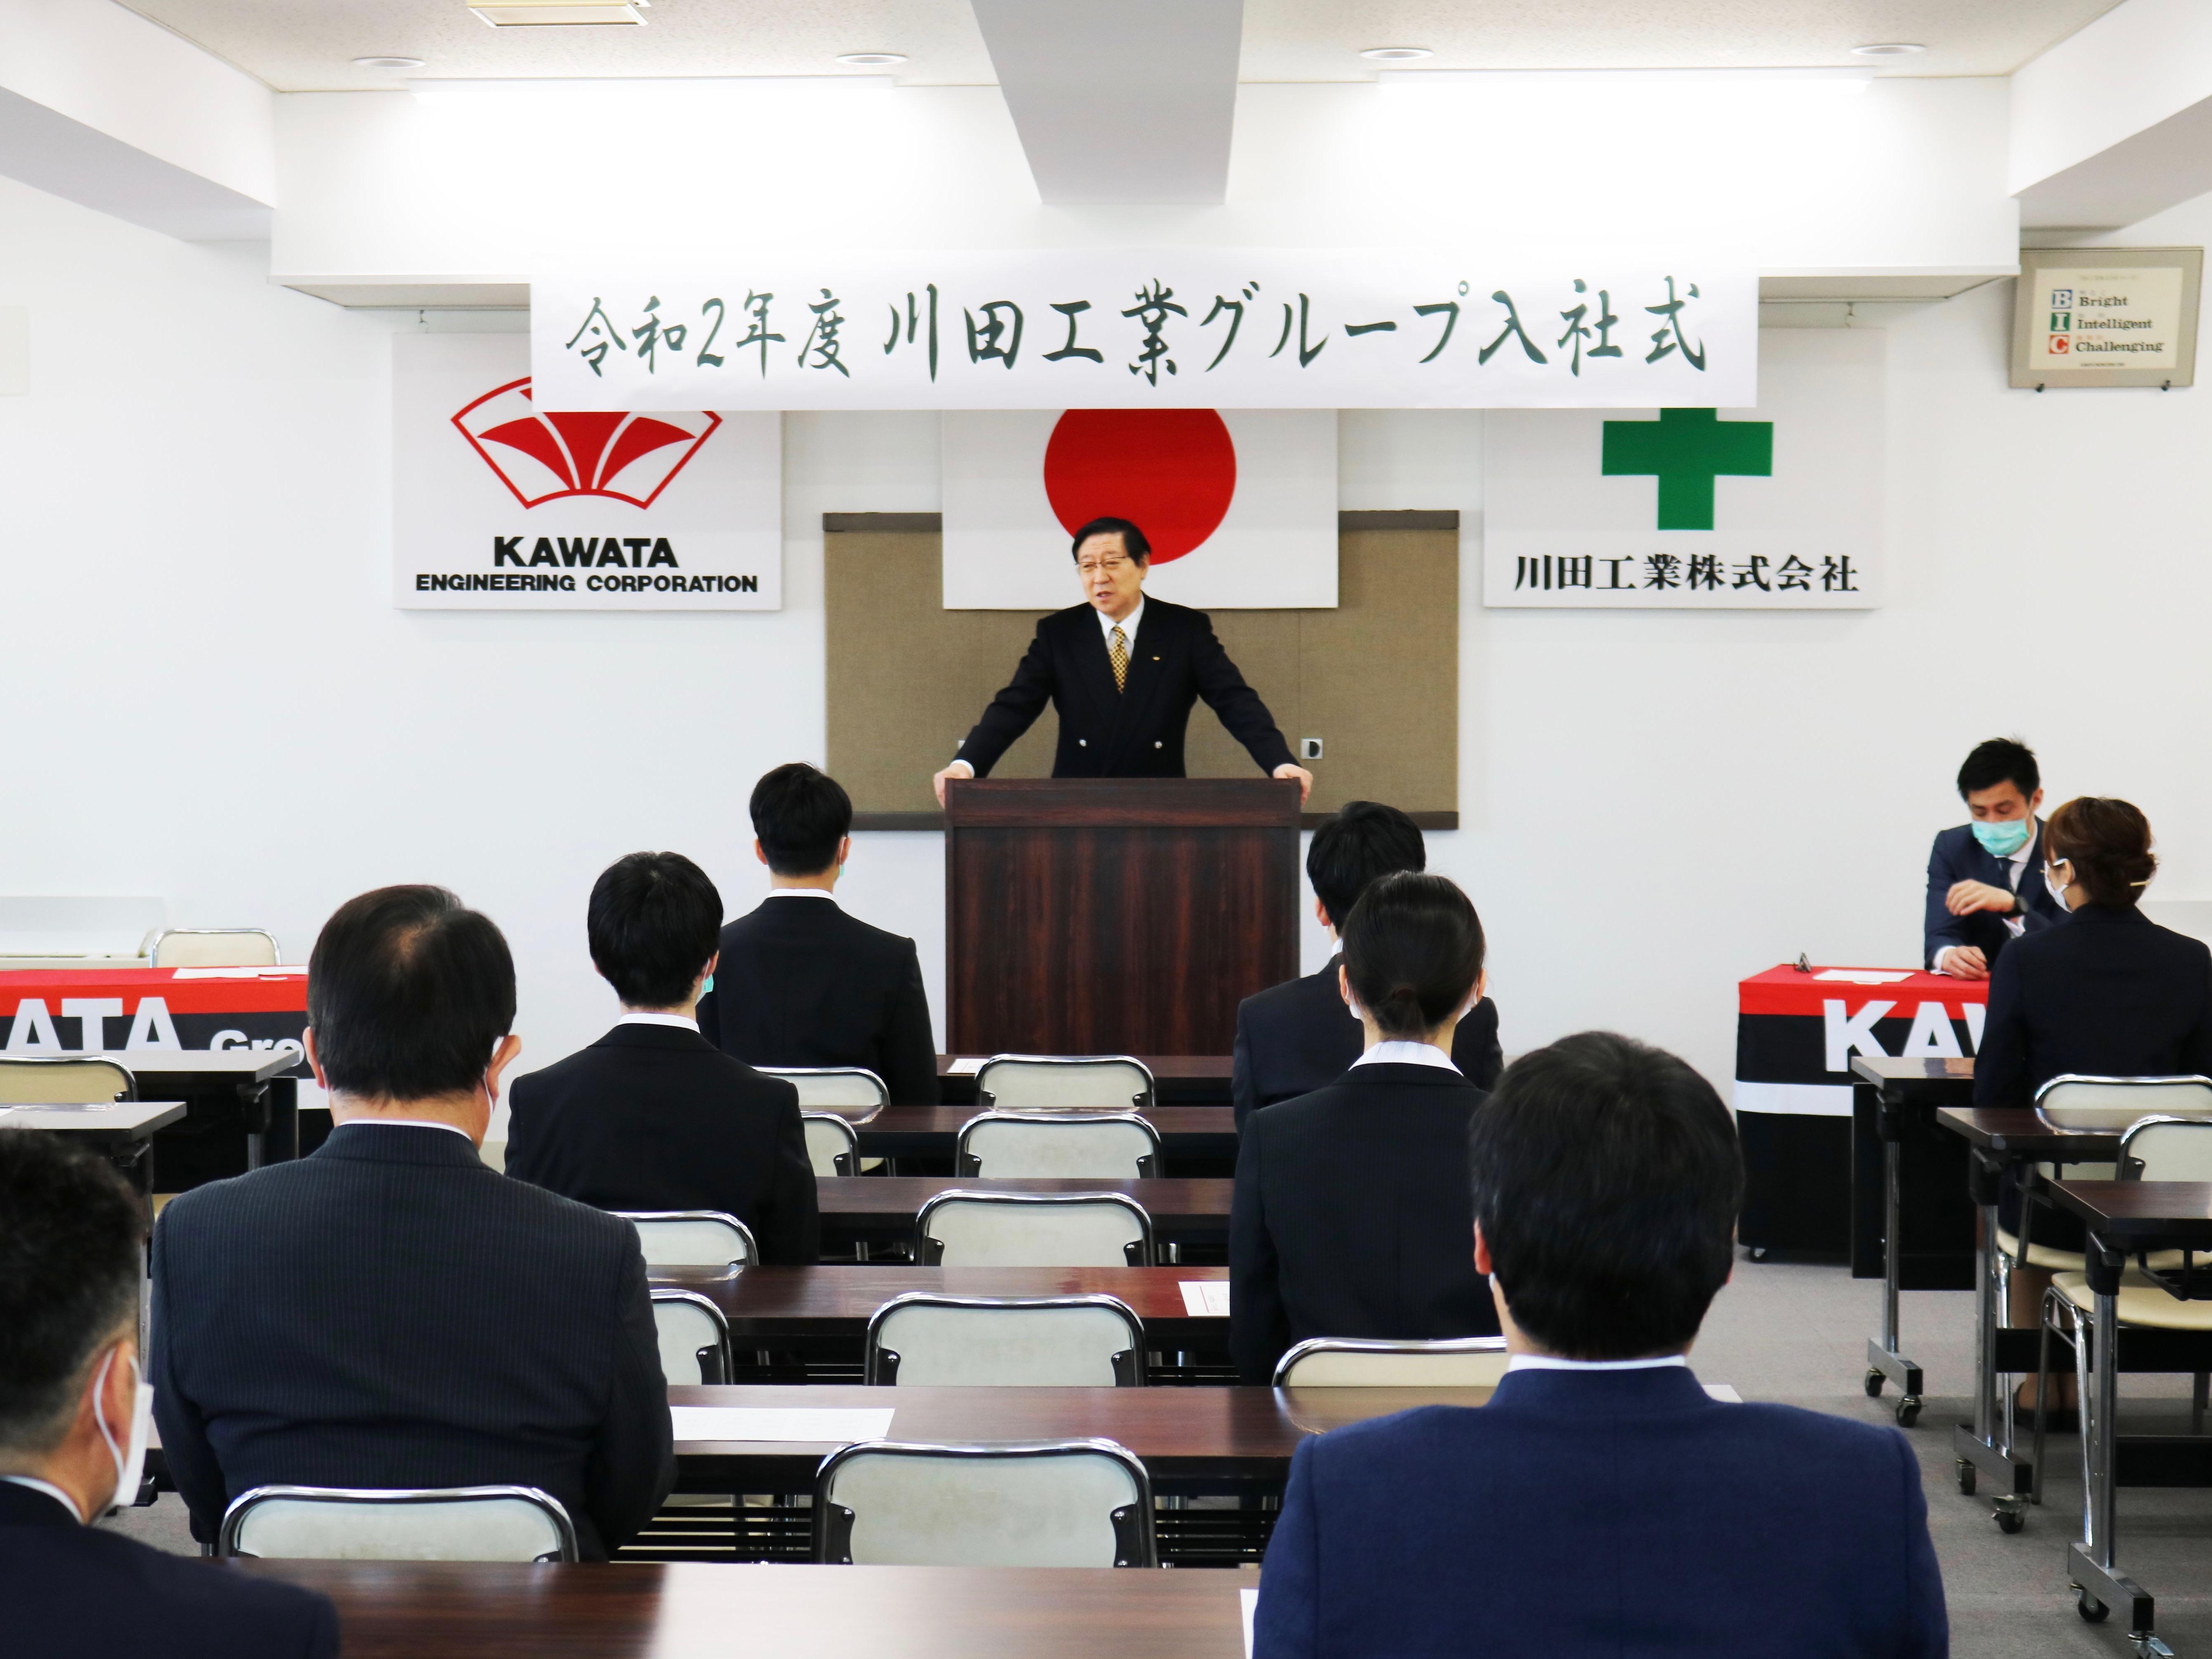 川田工業入社式